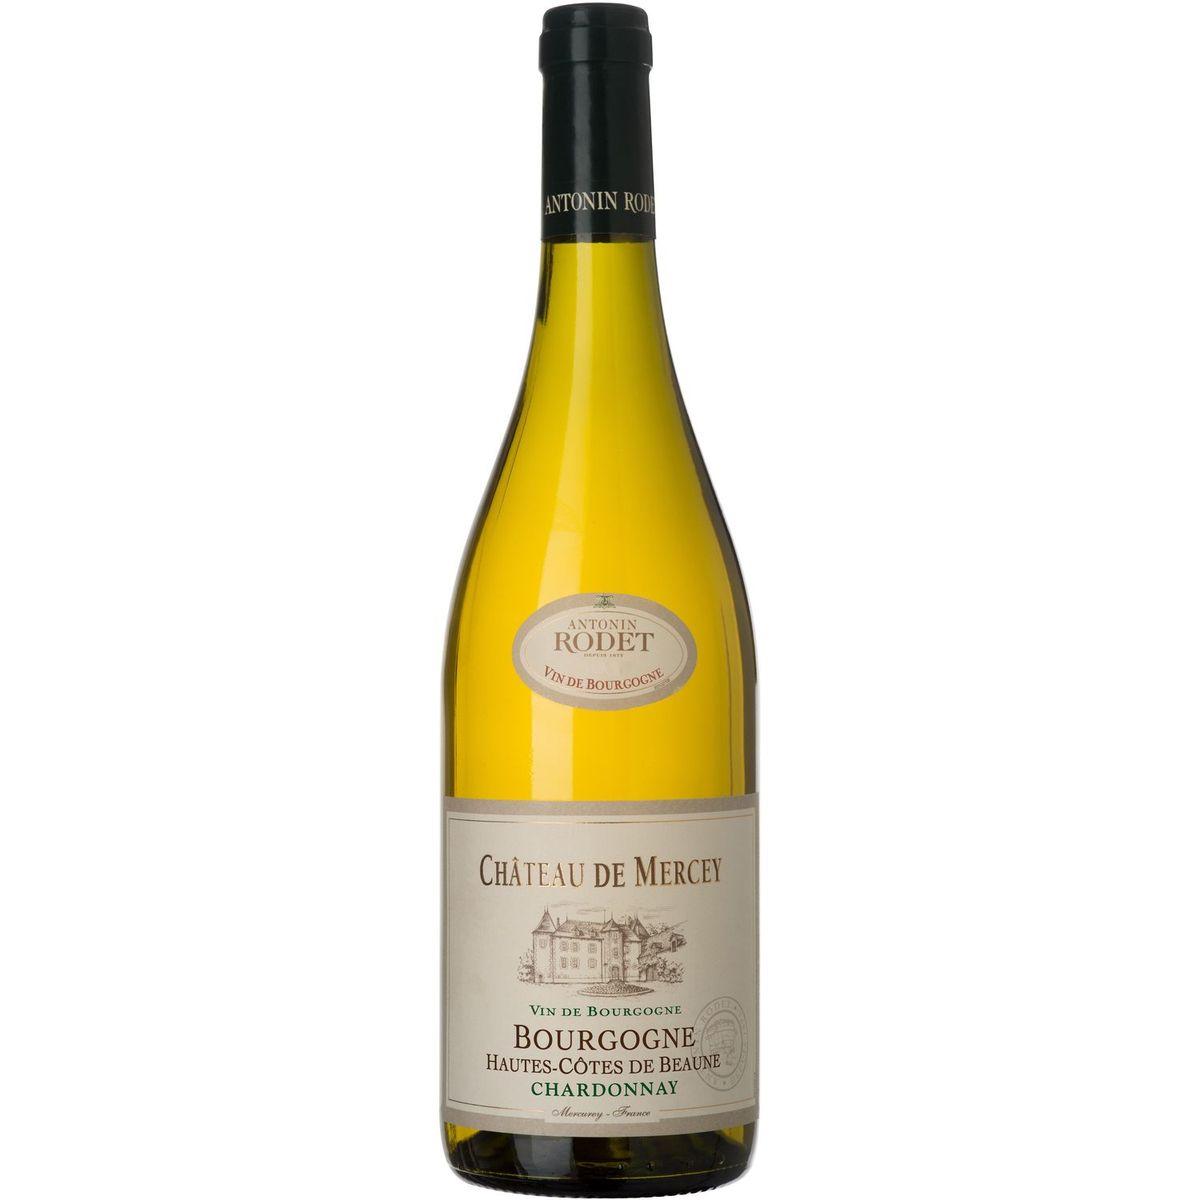 AOP Hautes Côtes Bourgogne Chateau de Mercey Antonin Rodet blanc 2015